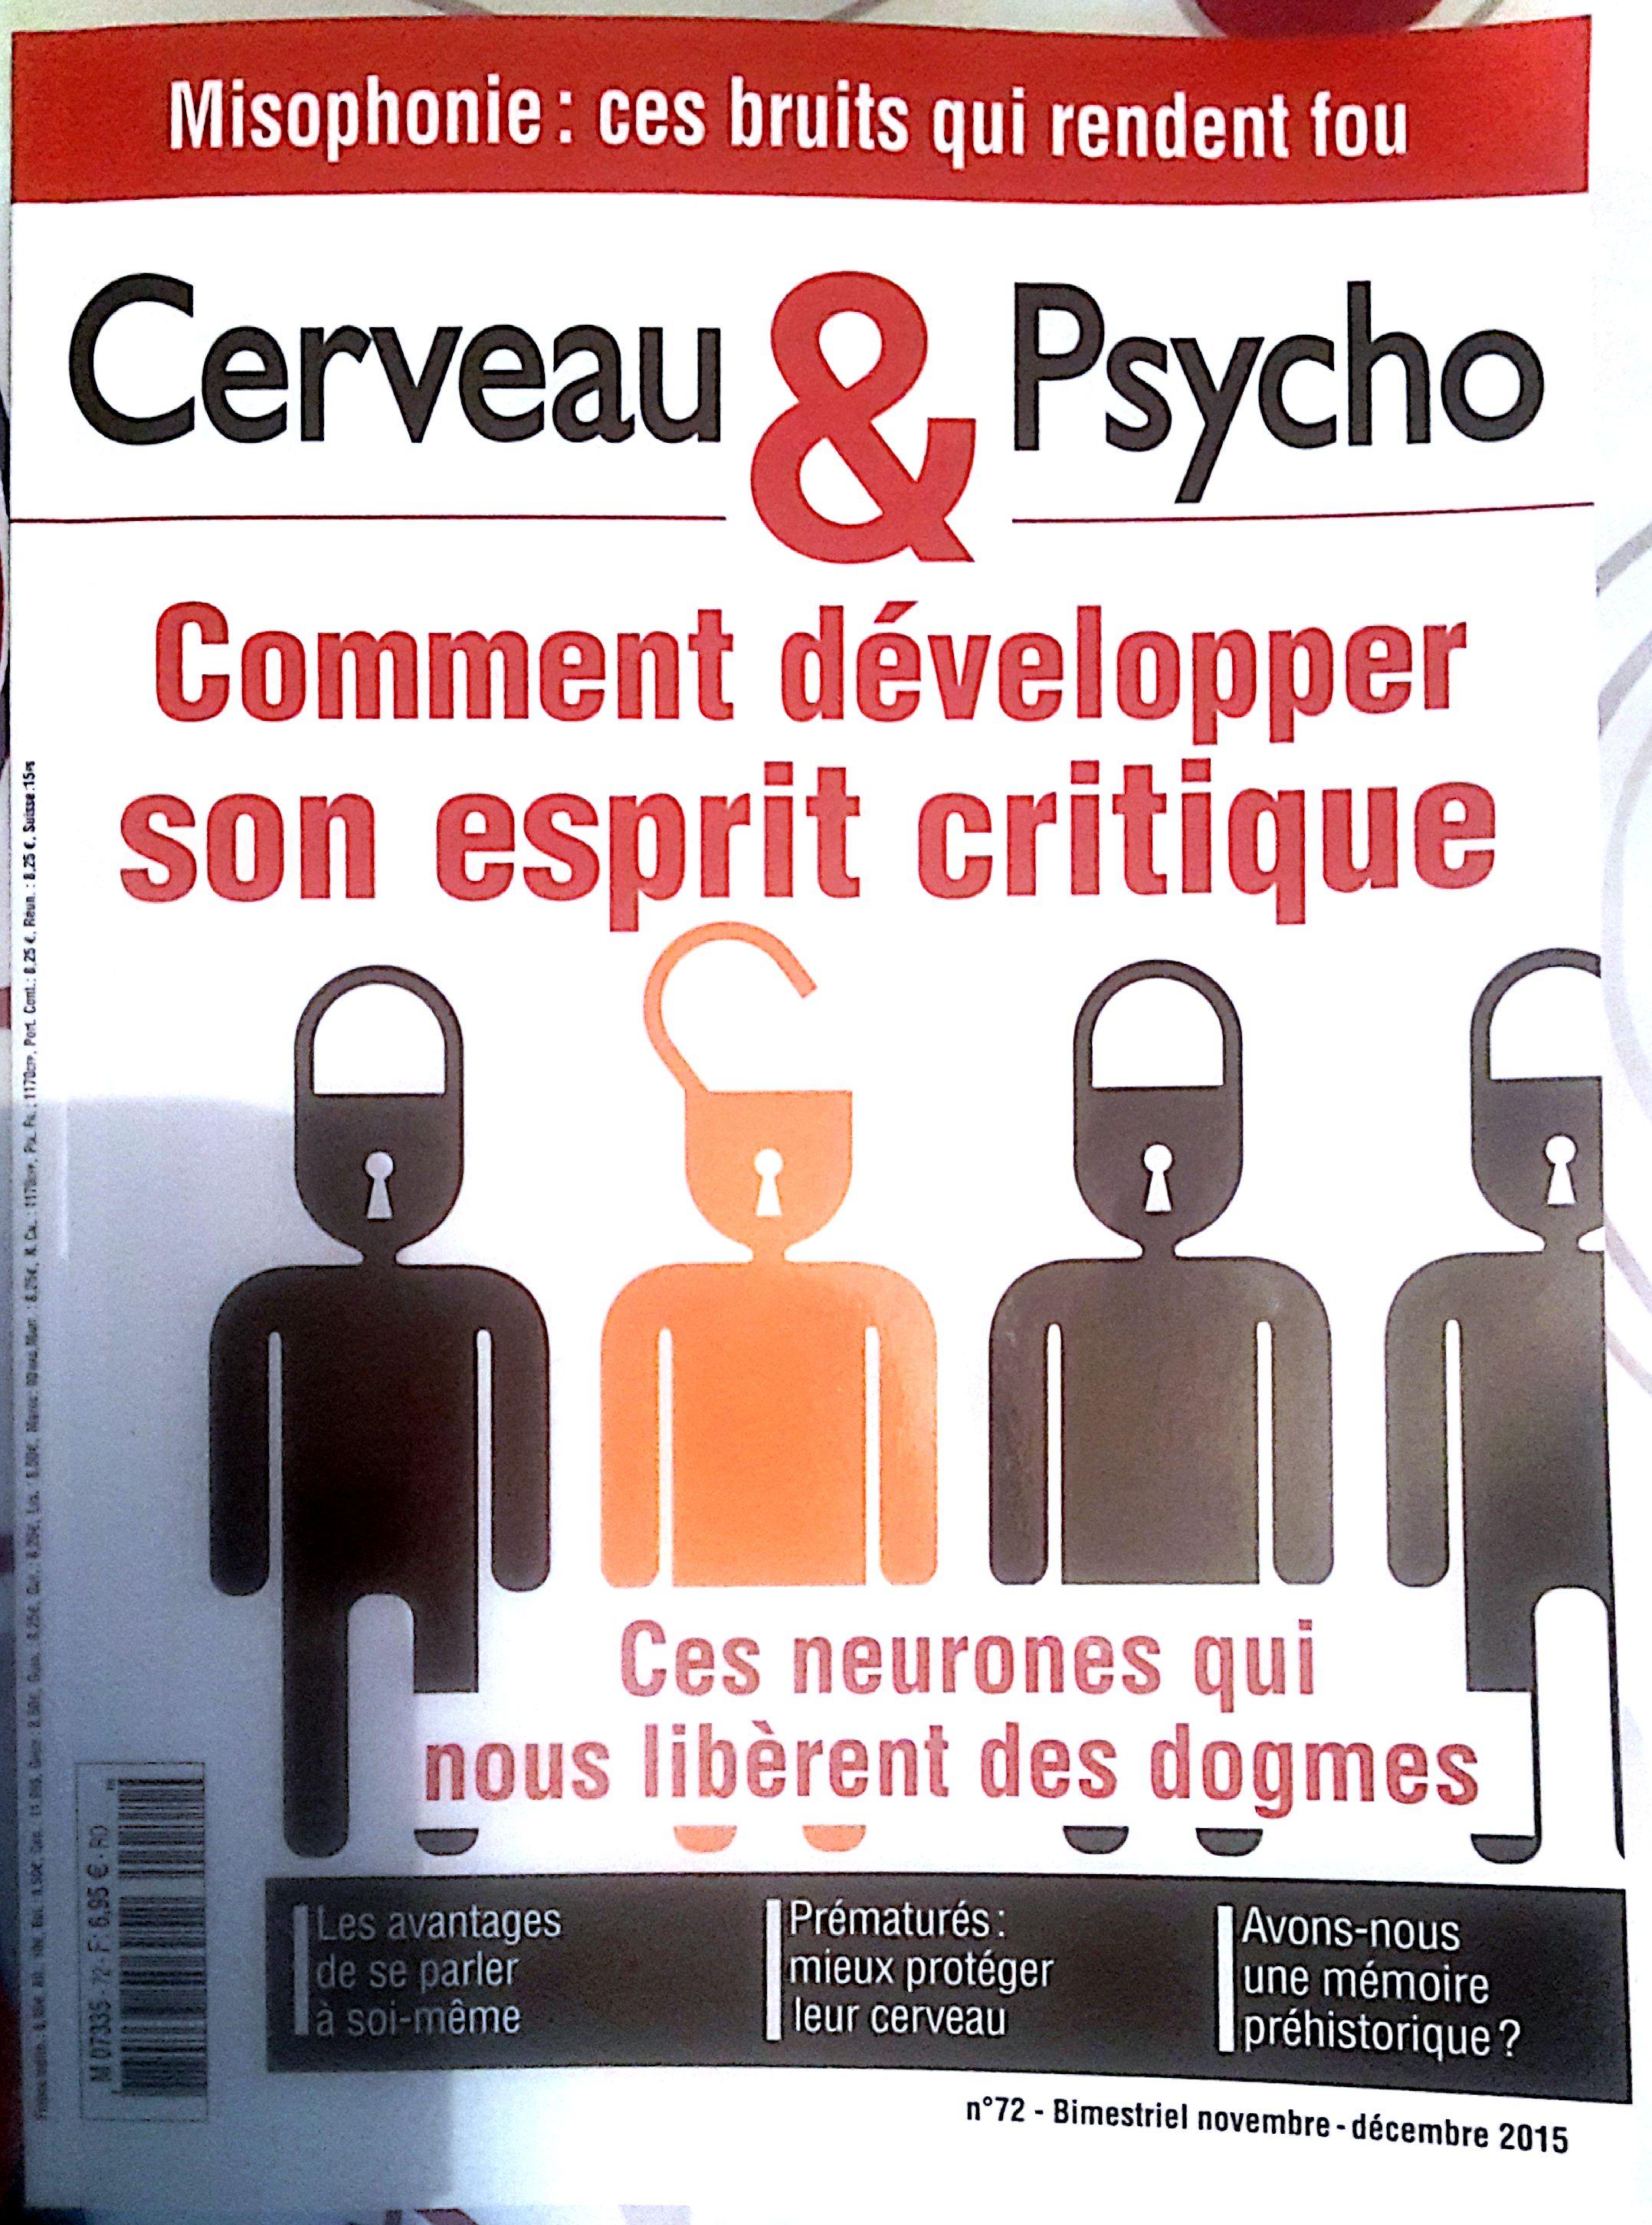 Misophonie Cerveau & Psycho